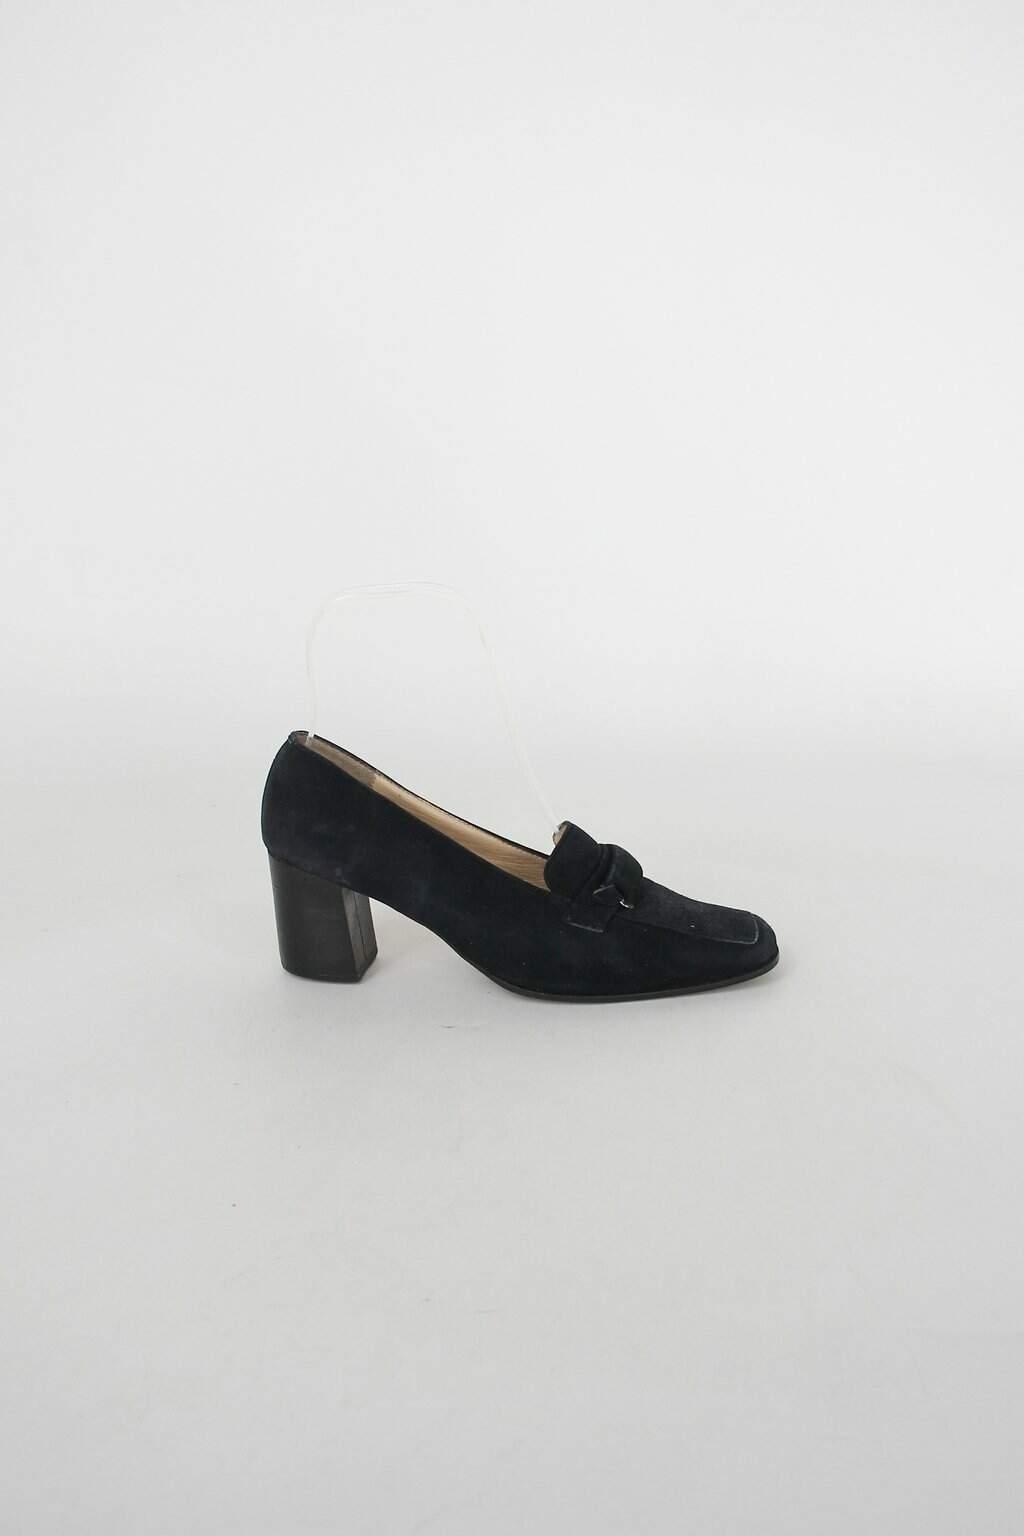 Sapato capodarte feminino preto